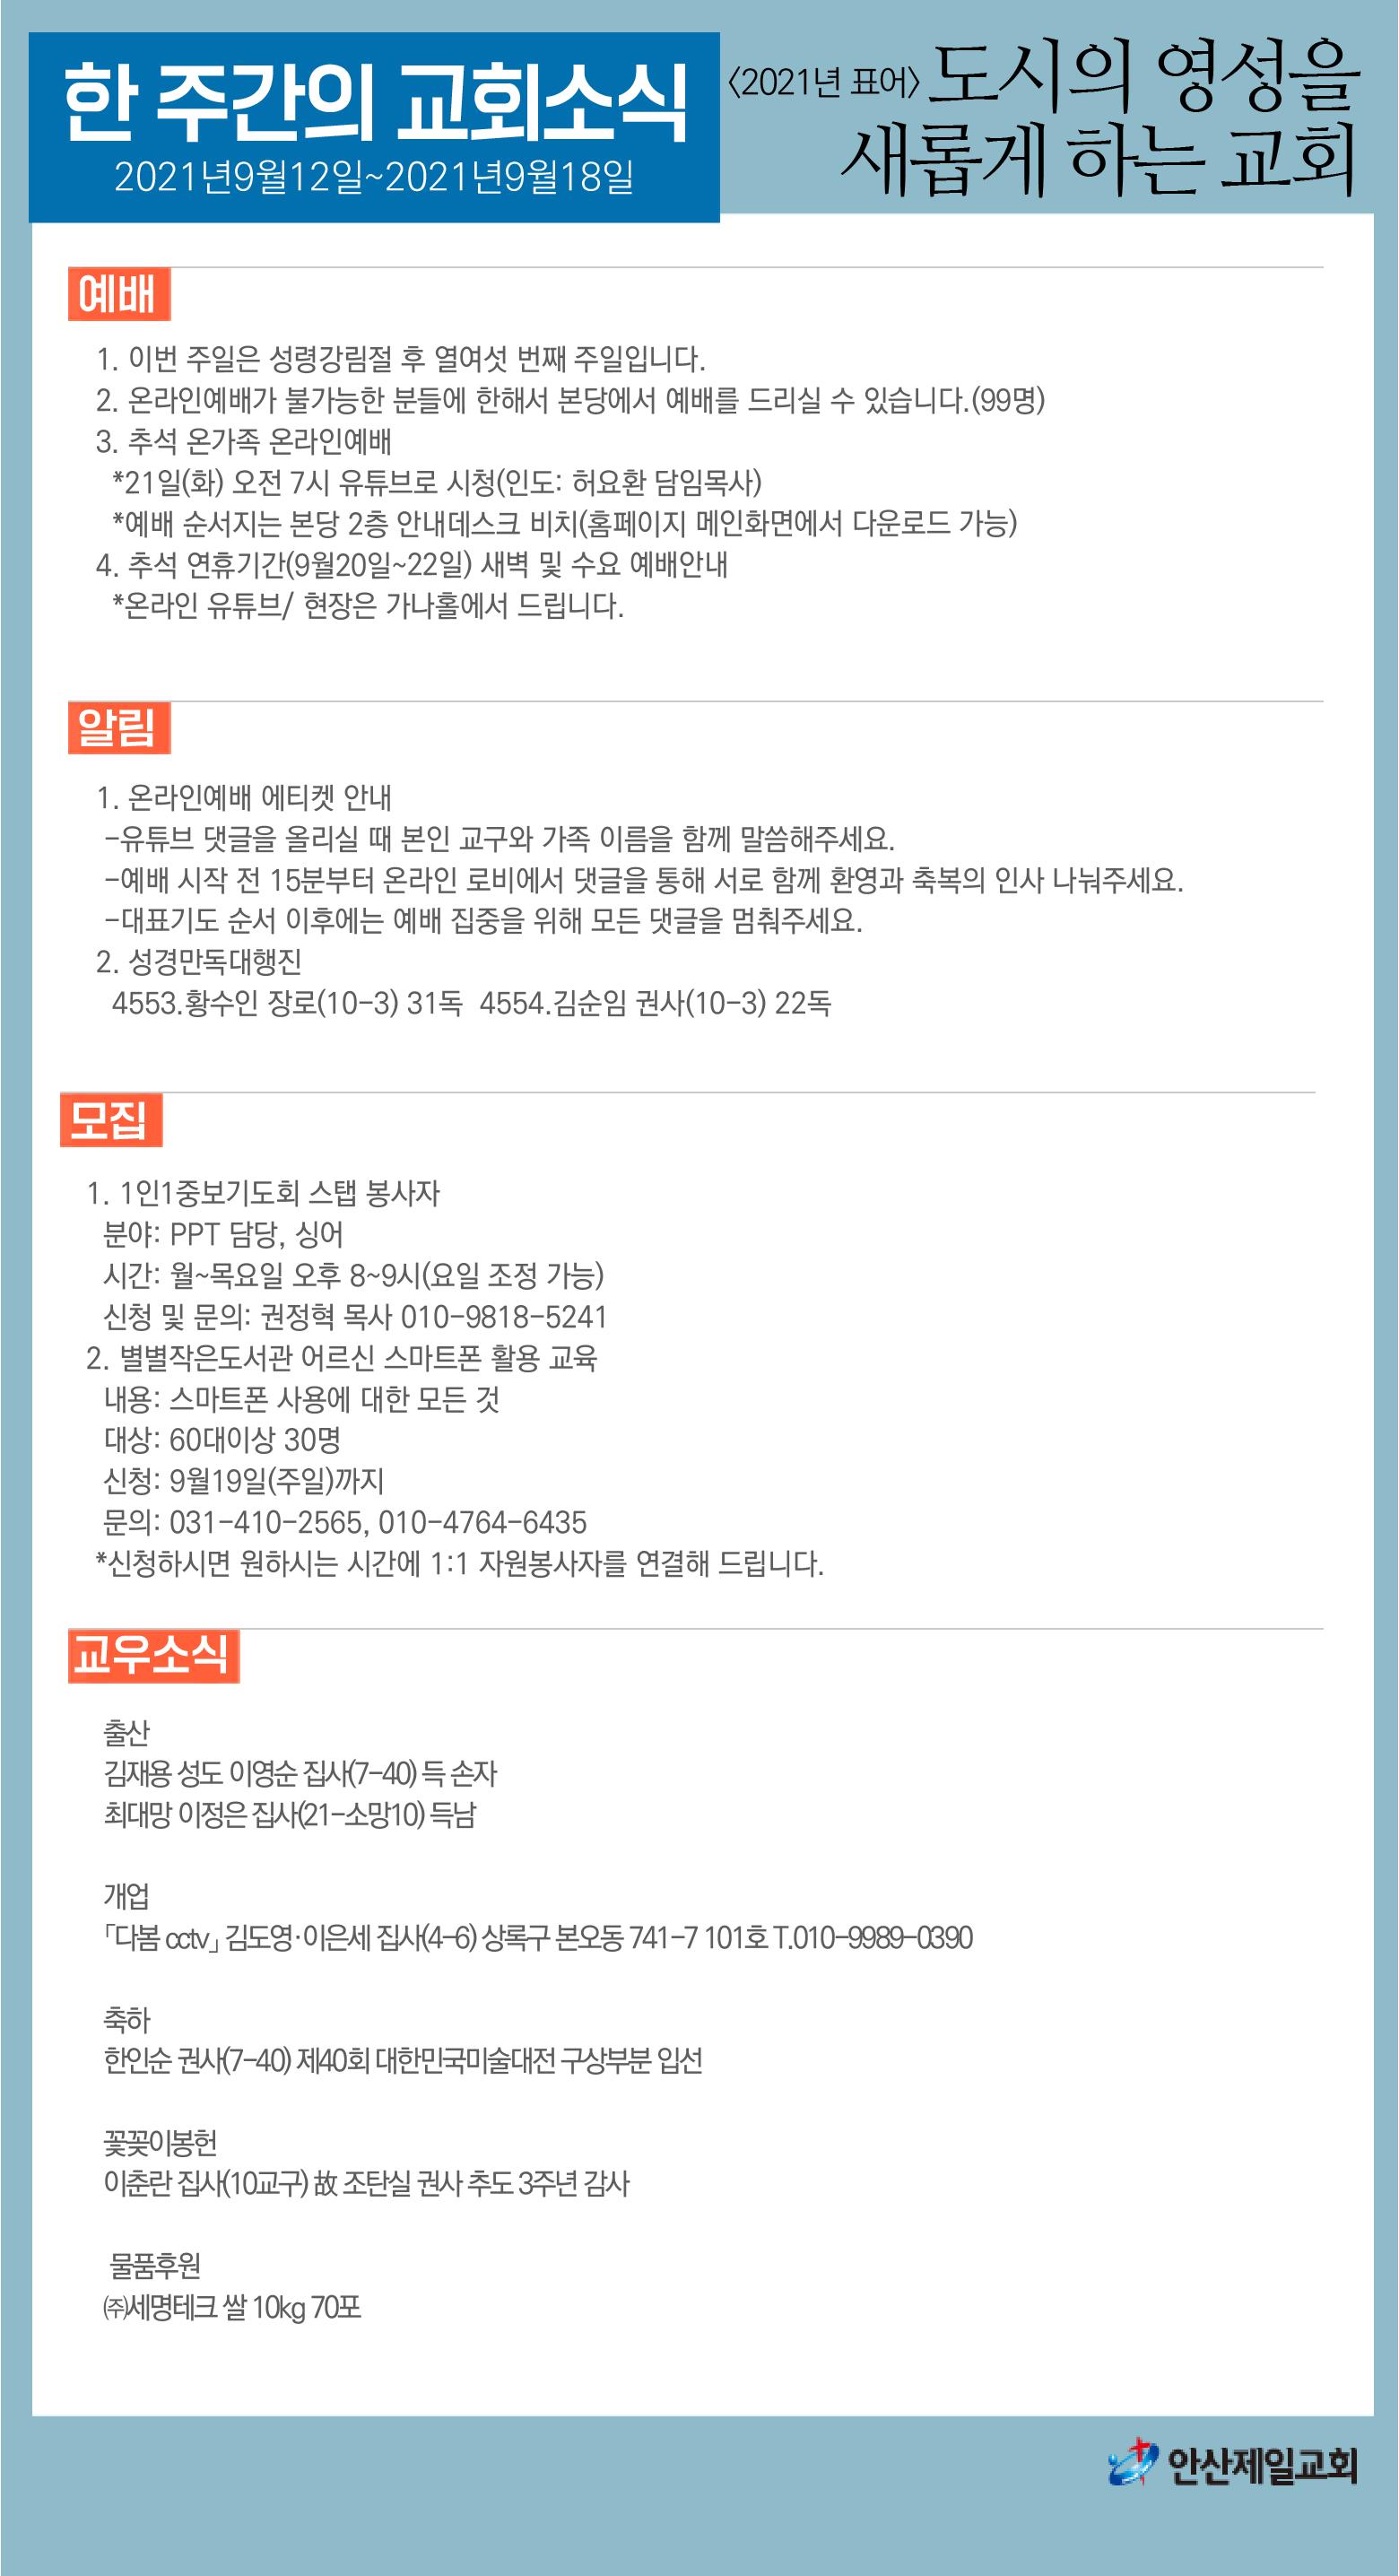 한주간소식(20210912)-01.png